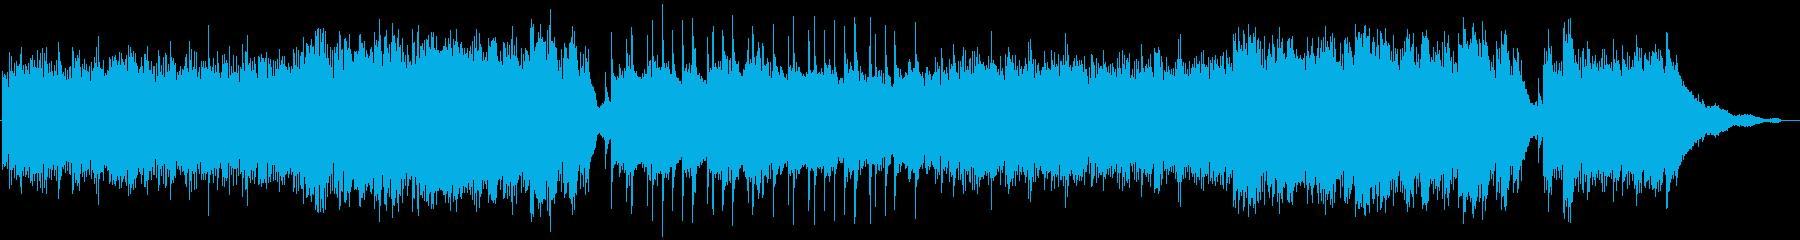 疾走感ドラマチック臨場感あふれるピアノ曲の再生済みの波形